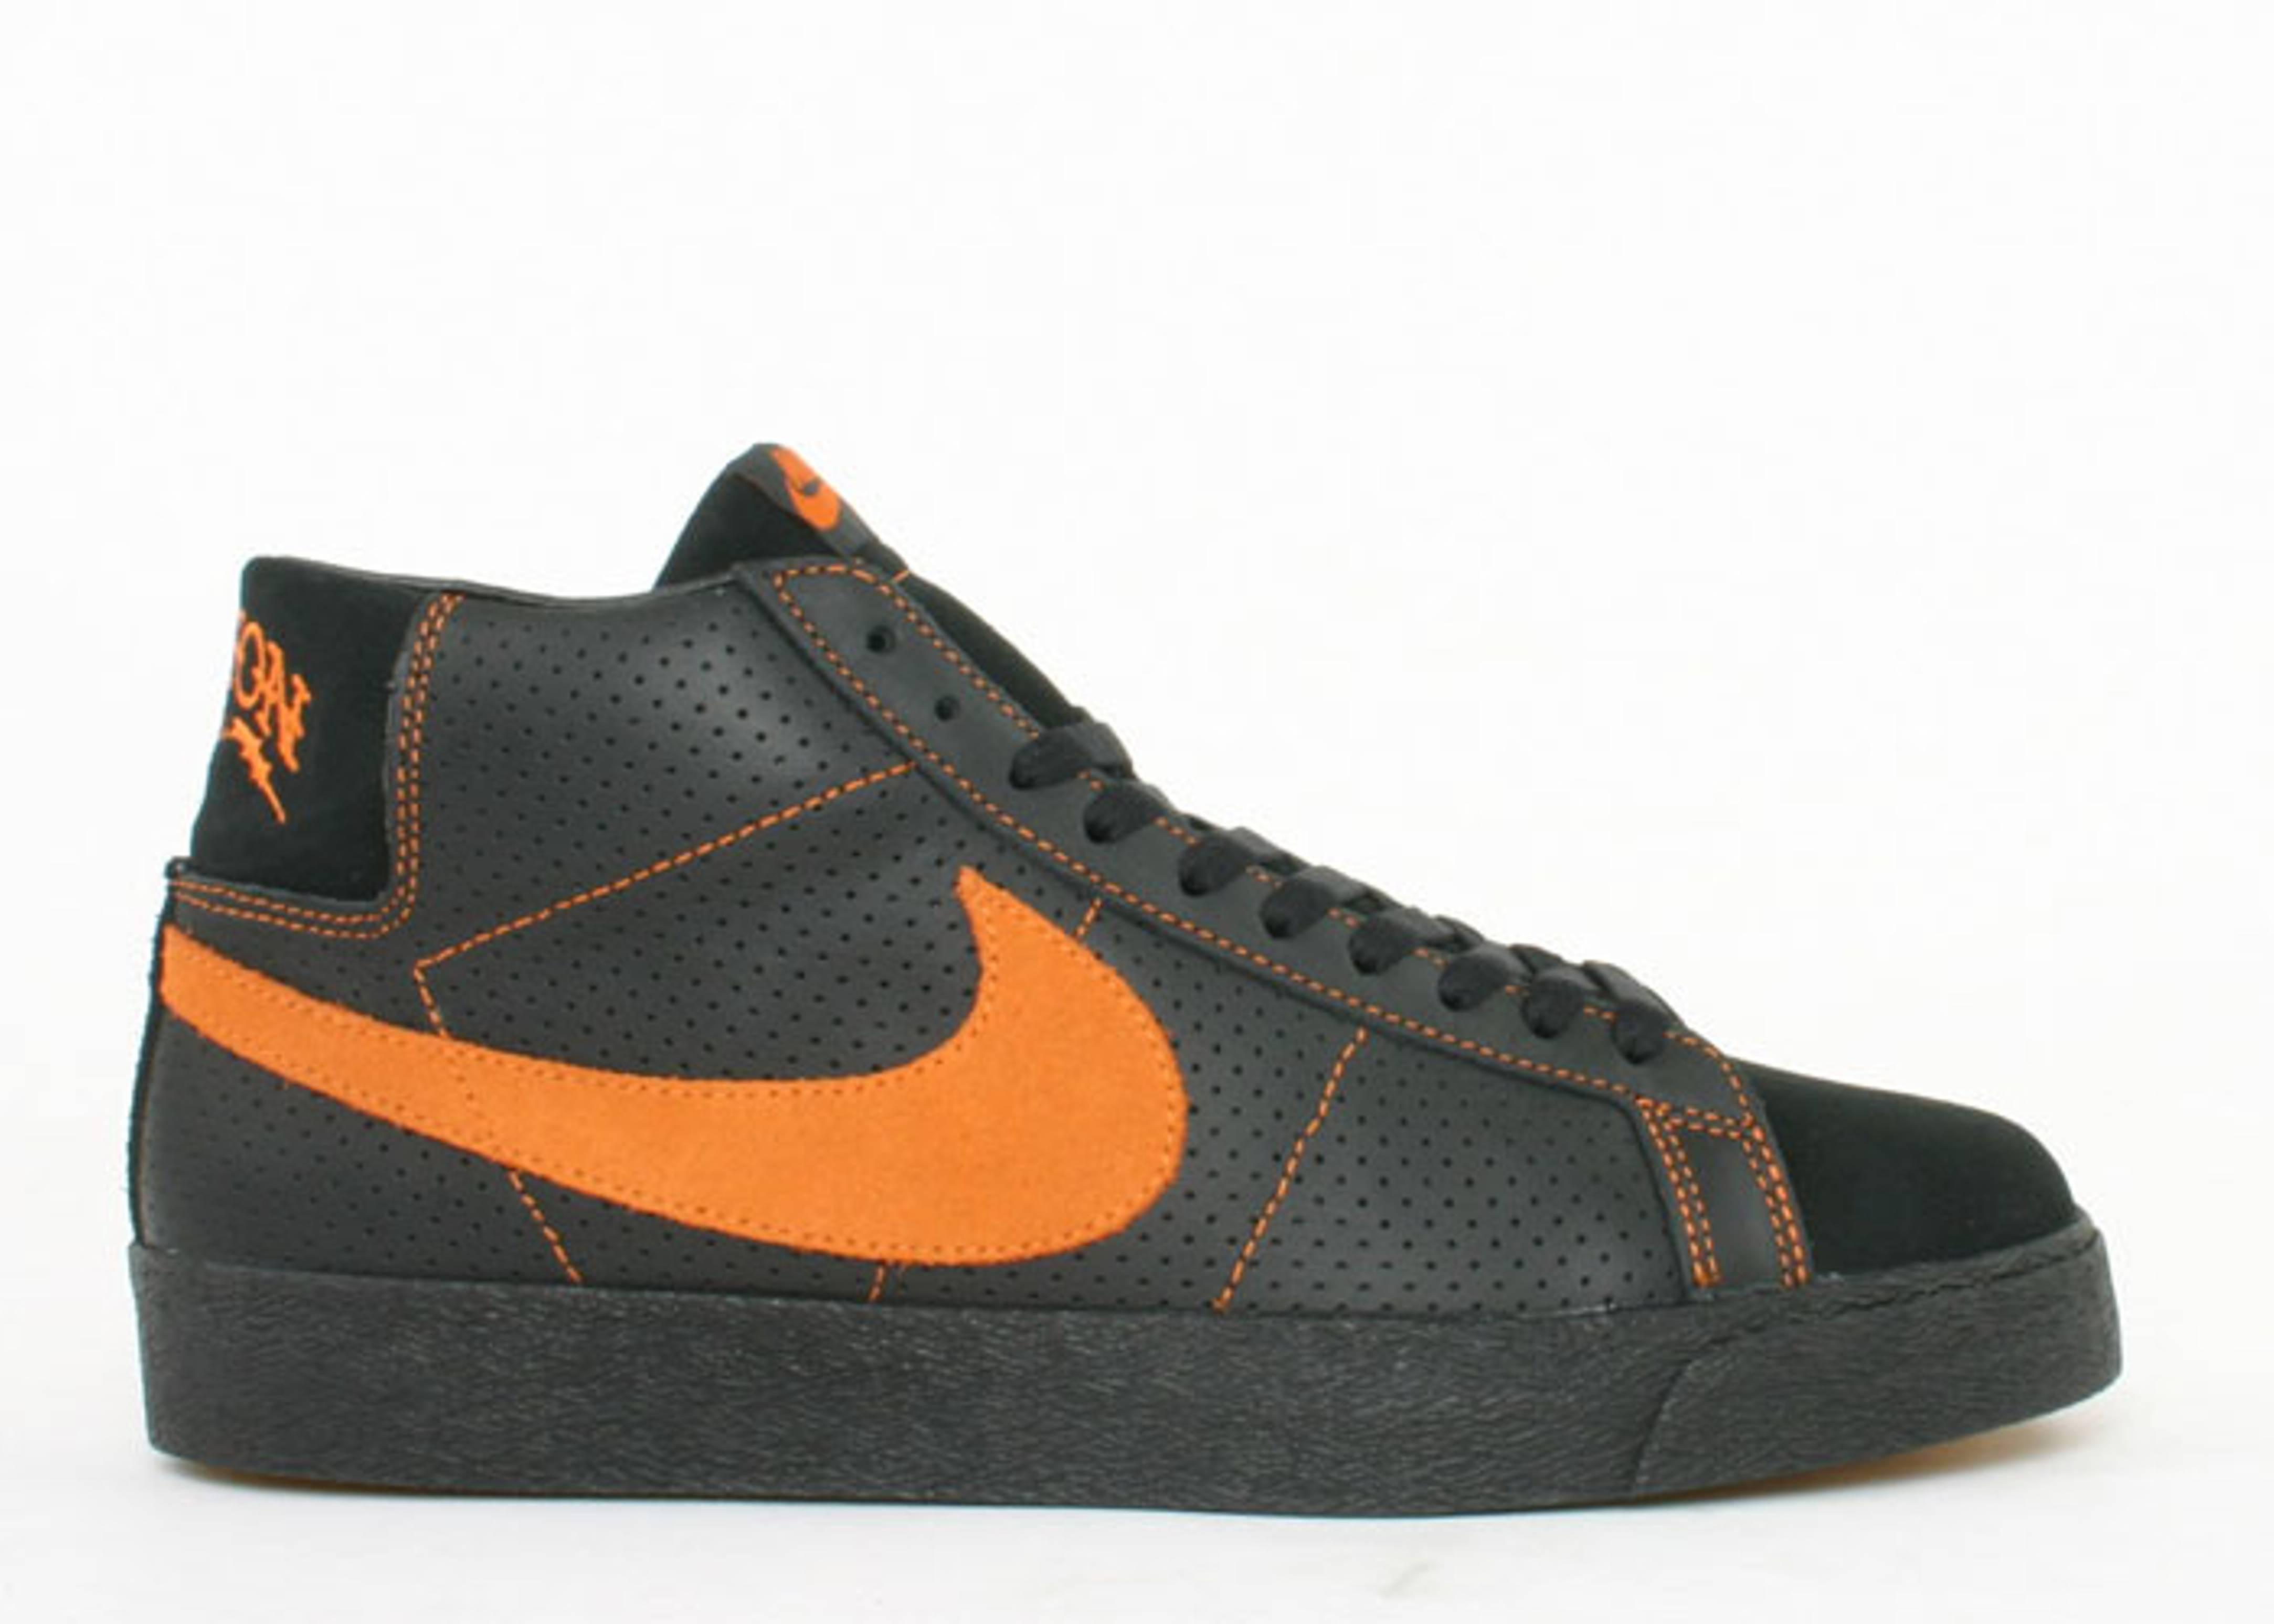 choix en ligne La Mission De Nike Blazer Orange 100% Original acheter professionnel de jeu V0Nw7E